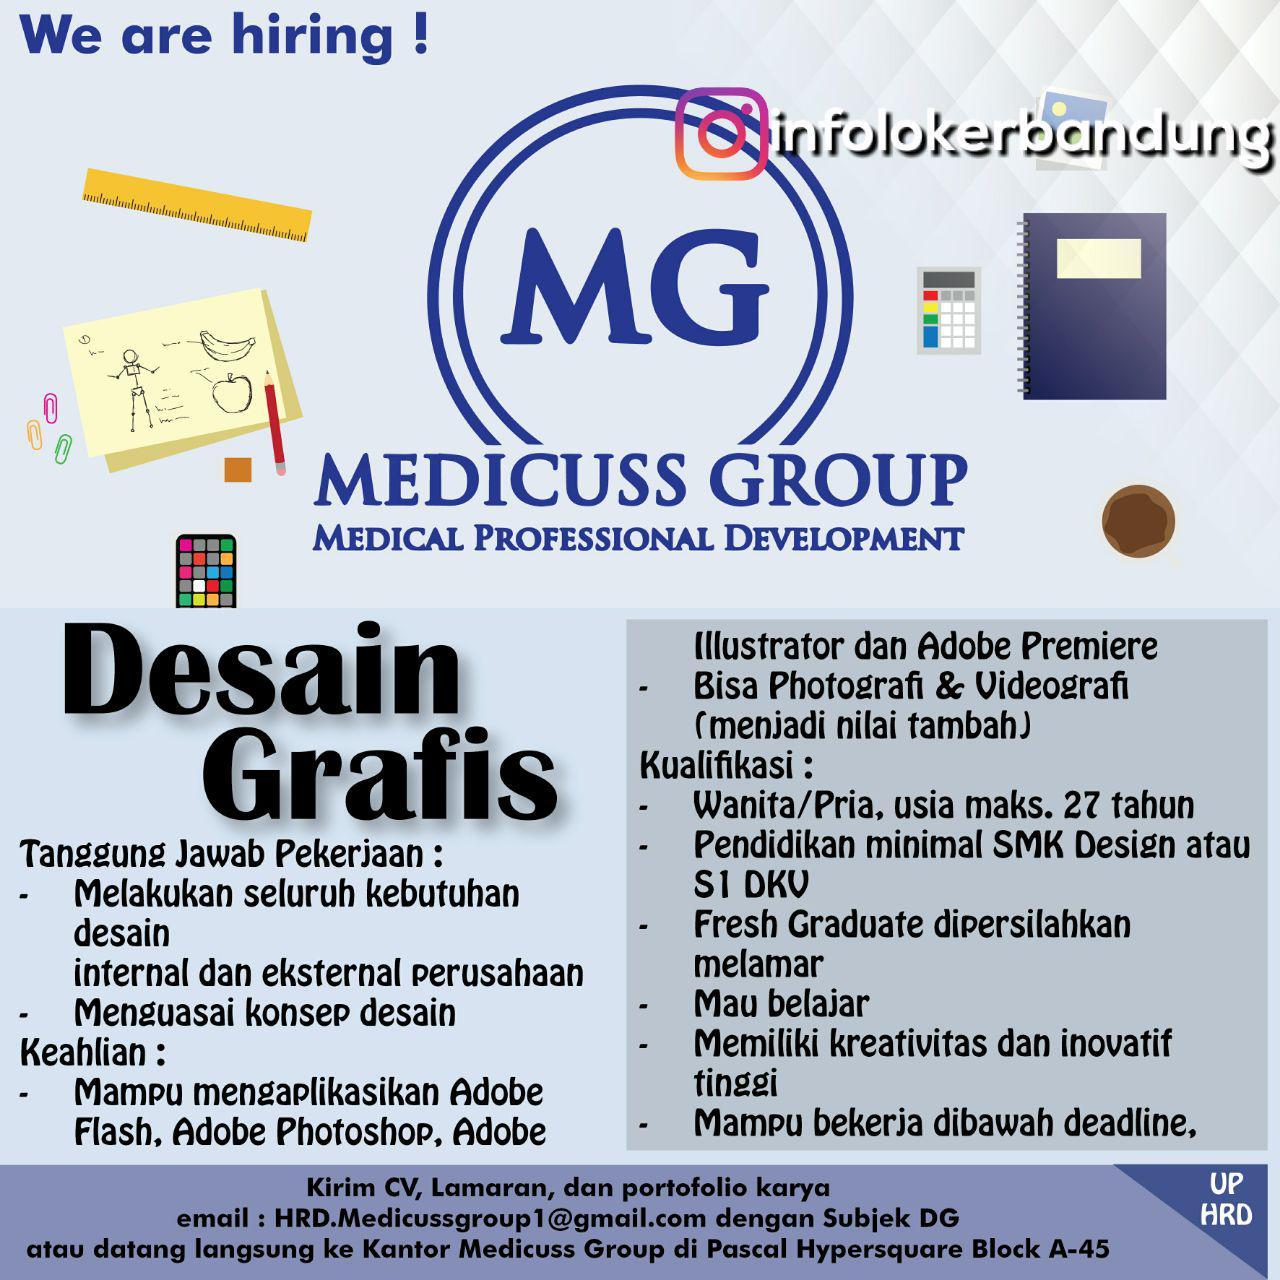 Lowongan Kerja Medicuss Group Desember 2017